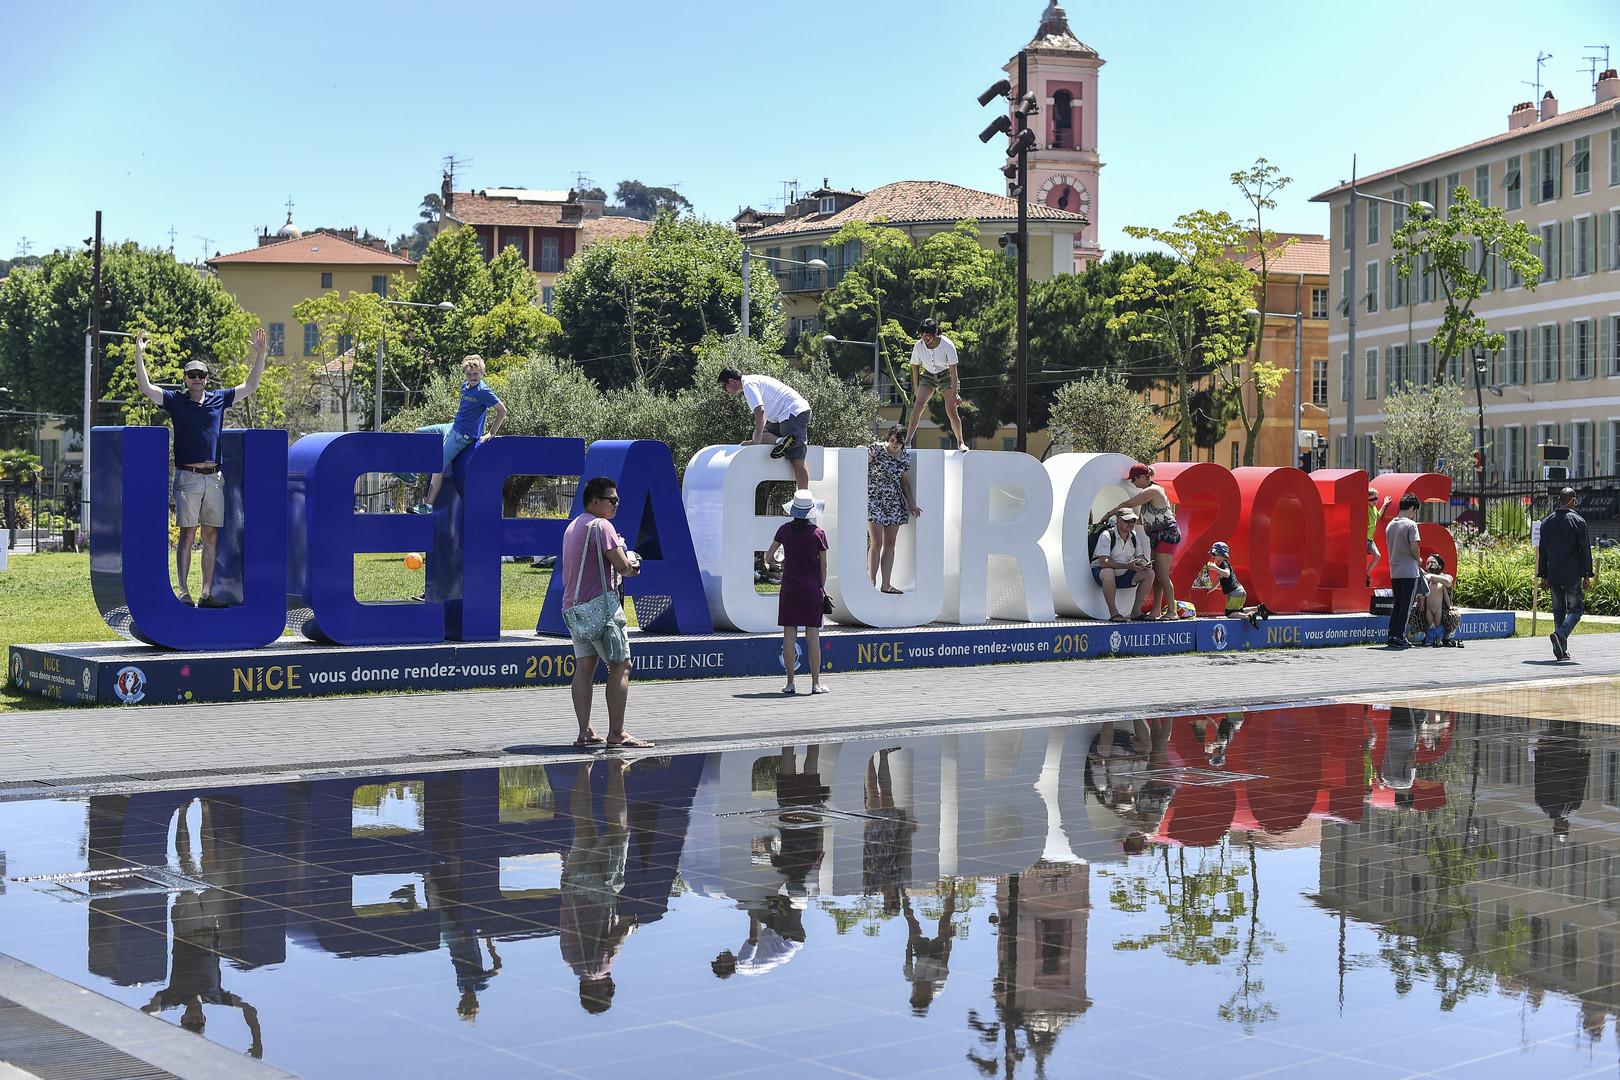 Евро-2016: анонс третьего четвертьфинального матча